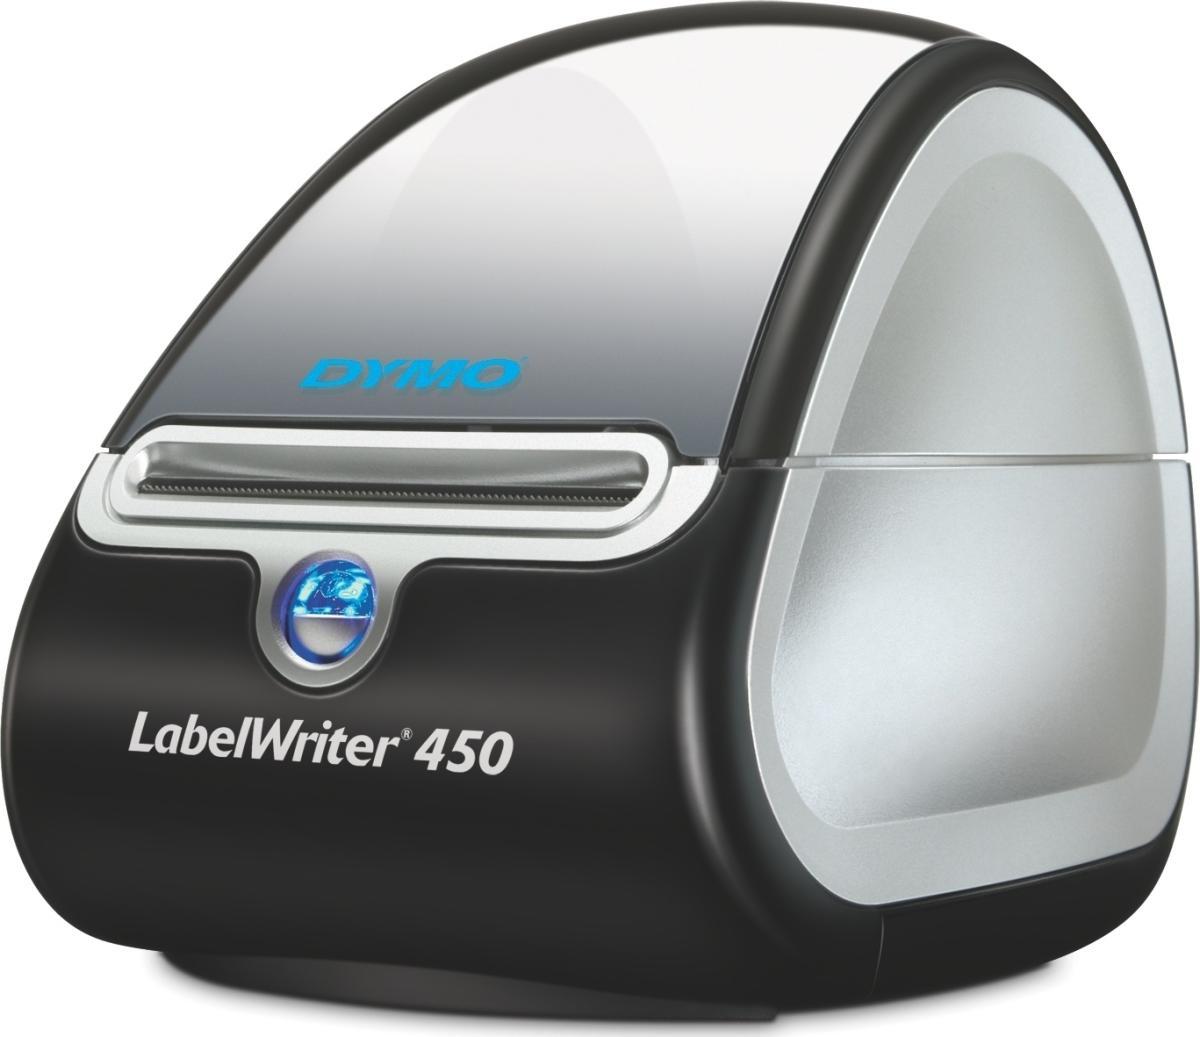 dymo labelwriter 450 labelmaskine k b til fast lav pris lomax a s. Black Bedroom Furniture Sets. Home Design Ideas